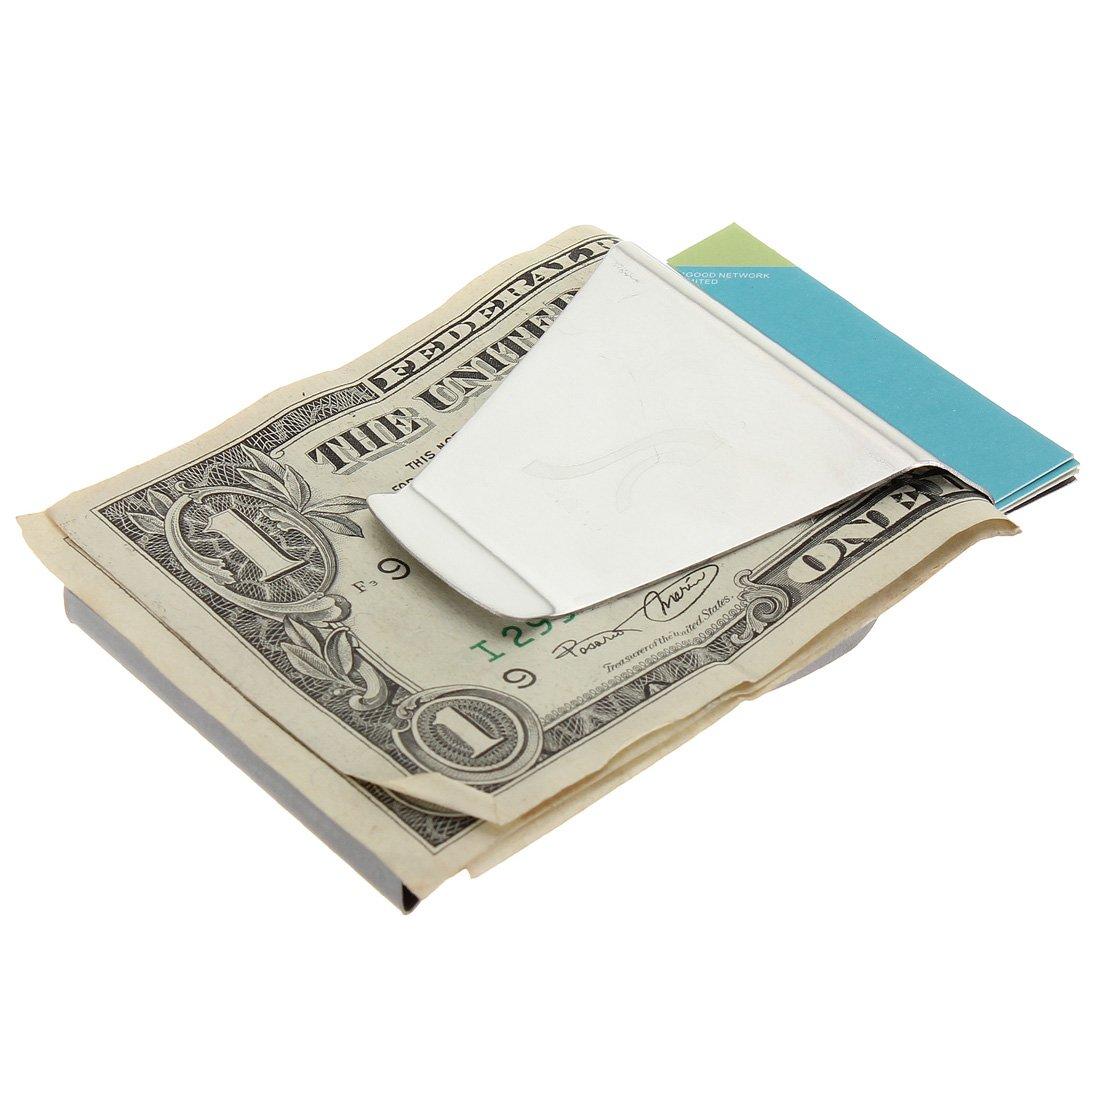 Double Side Bank Note Cash Bills Credit Card Metal Holder Clip Wallet